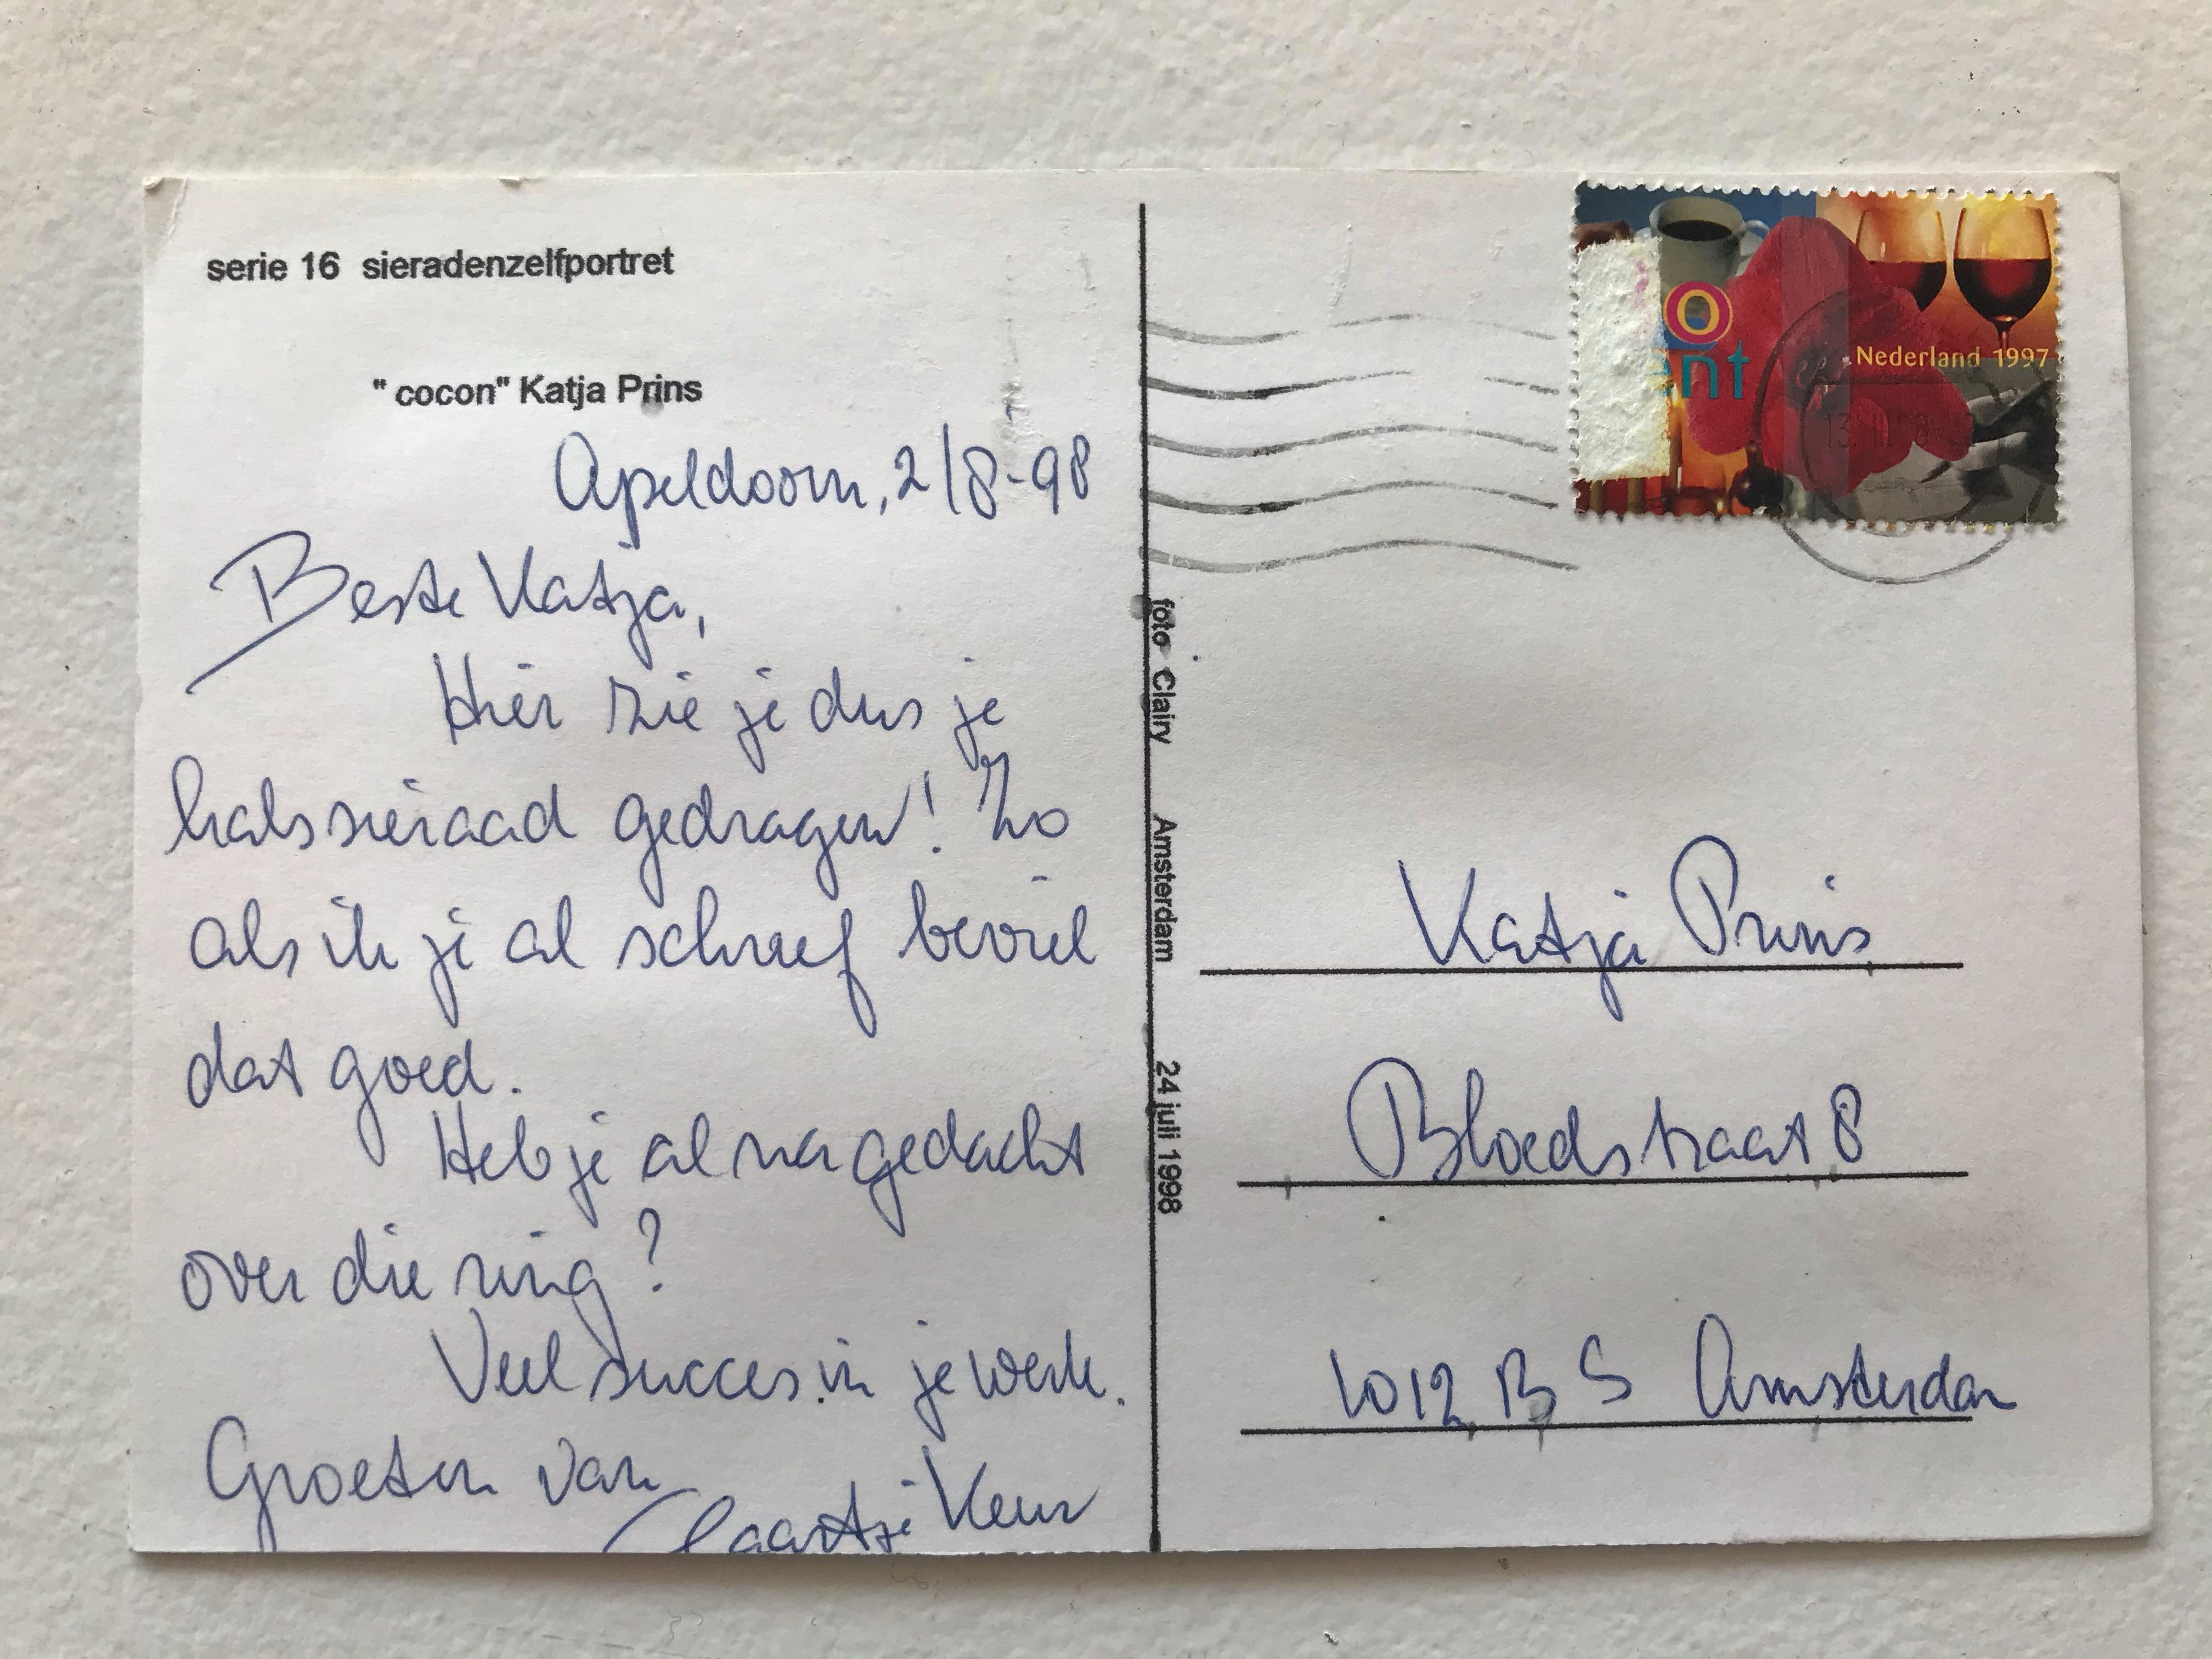 Ansichtkaart van Claartje Keur aan Katja Prins, 2 augustus 1998. Foto Katja Prins, handschrift, poststempel, postzegel